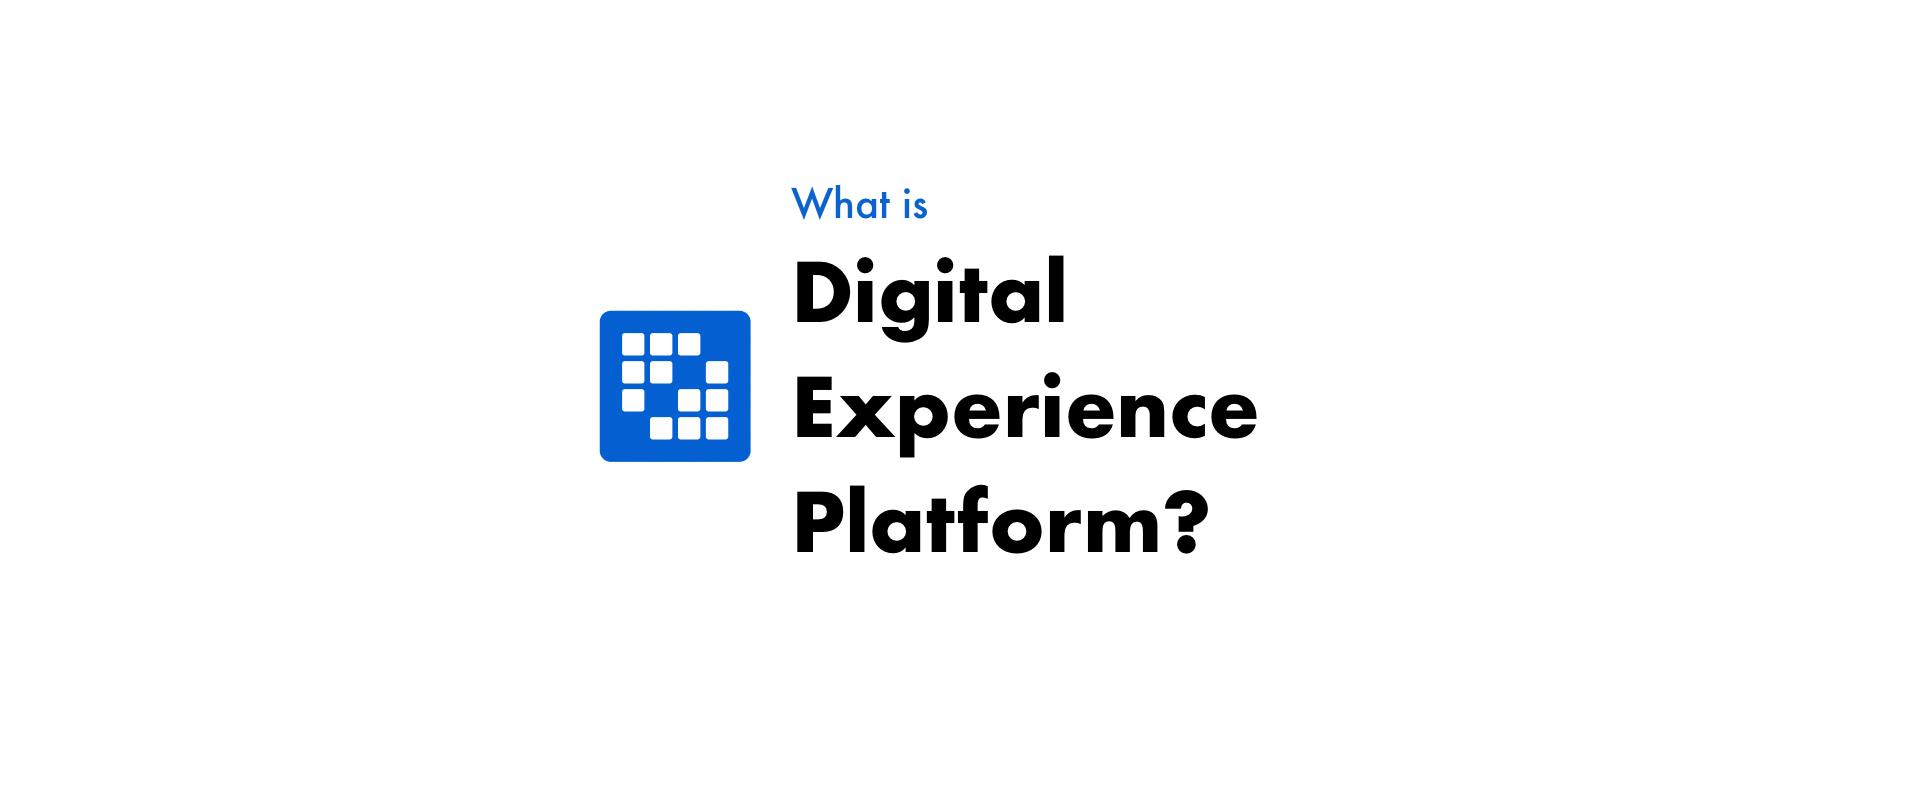 デジタルエクスペリエンスプラットフォーム(DXP)とは?